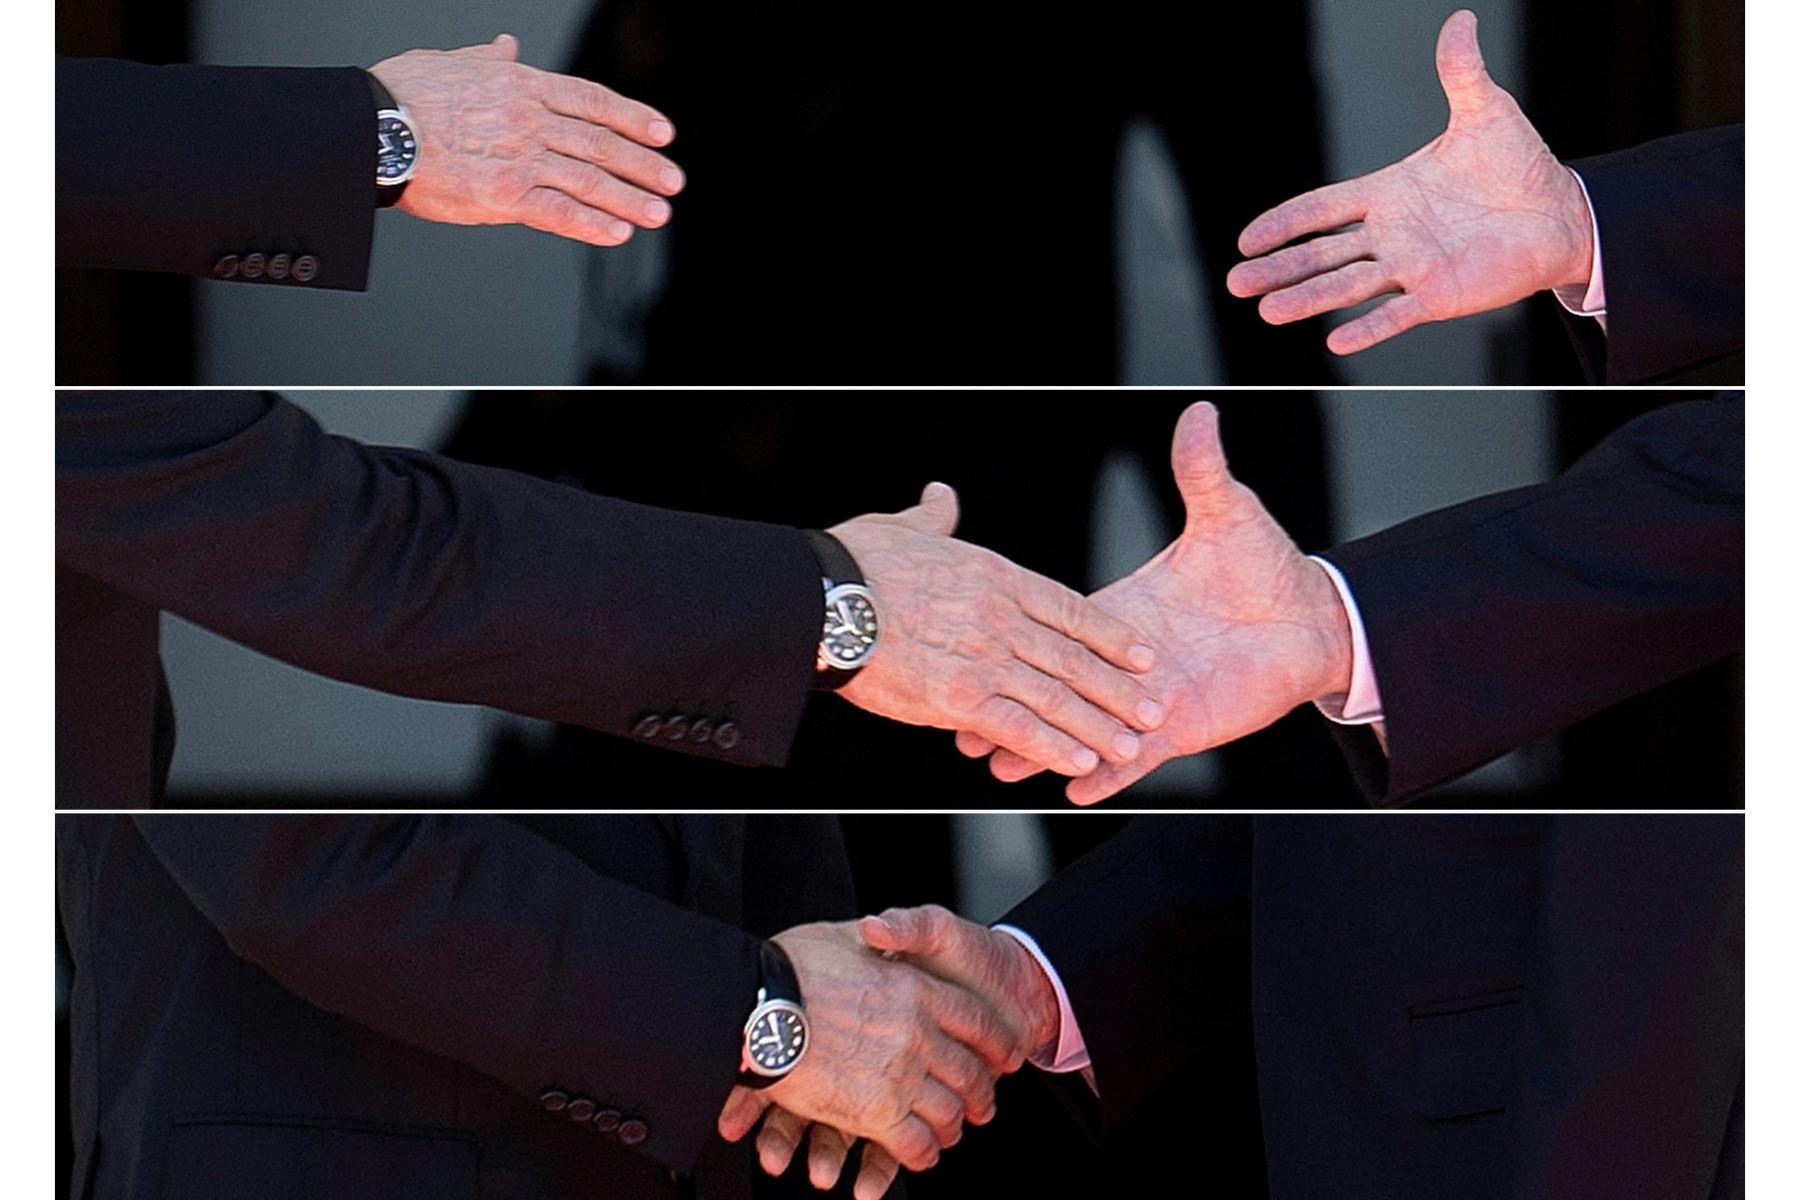 """Detalle de las manos de Putin y Biden tras saludarse a la entrada del palacete. El presidente de Suiza deseó a Putin y a Biden una """"reunión fructífera en el interés de sus respectivos países y del mundo entero"""". Foto: AFP"""